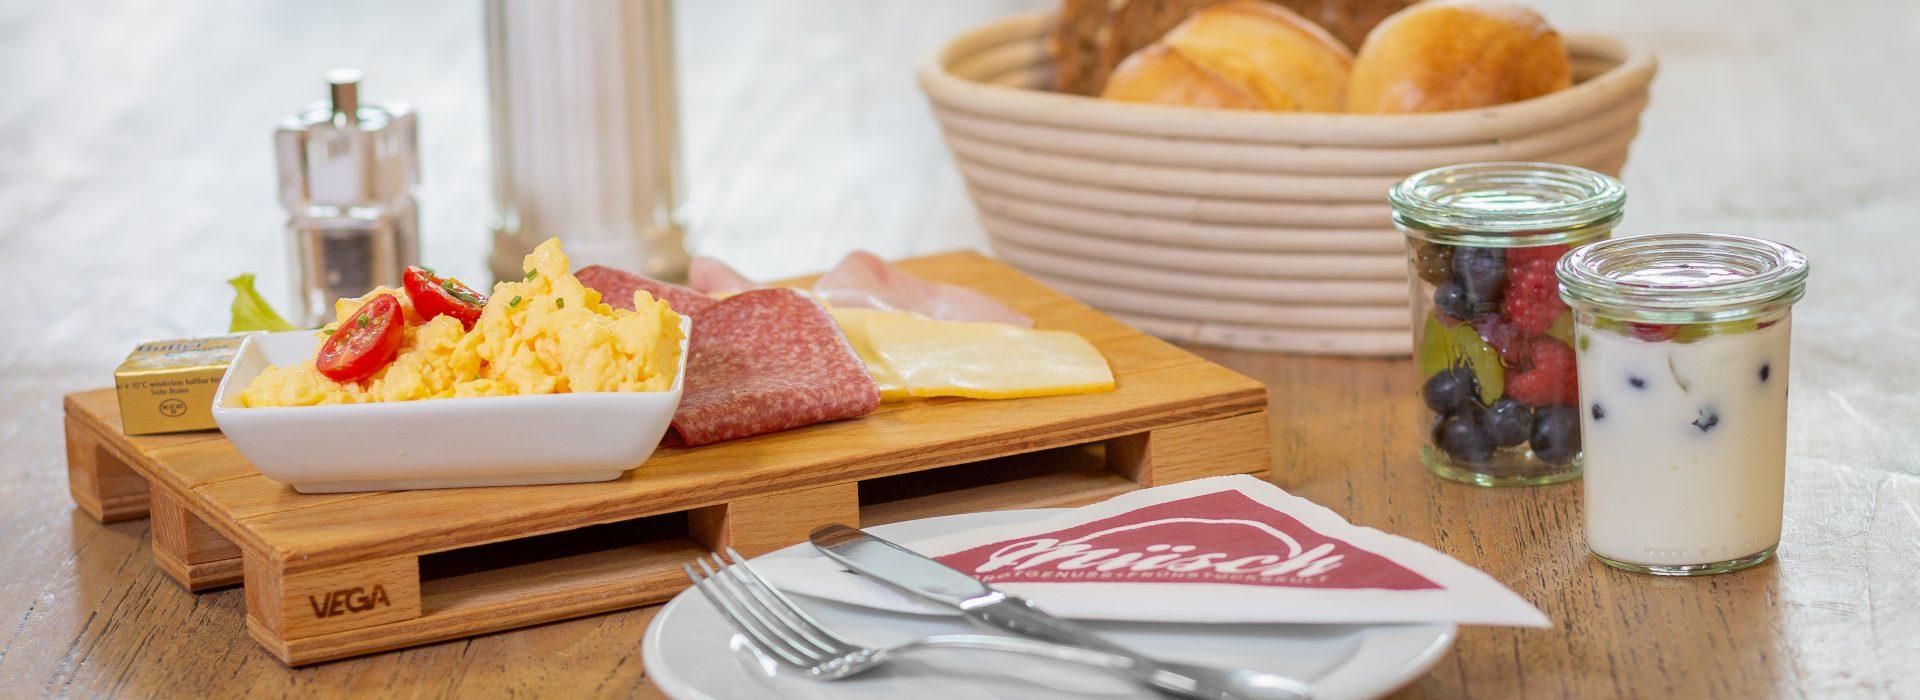 Frühstücksvariation 3